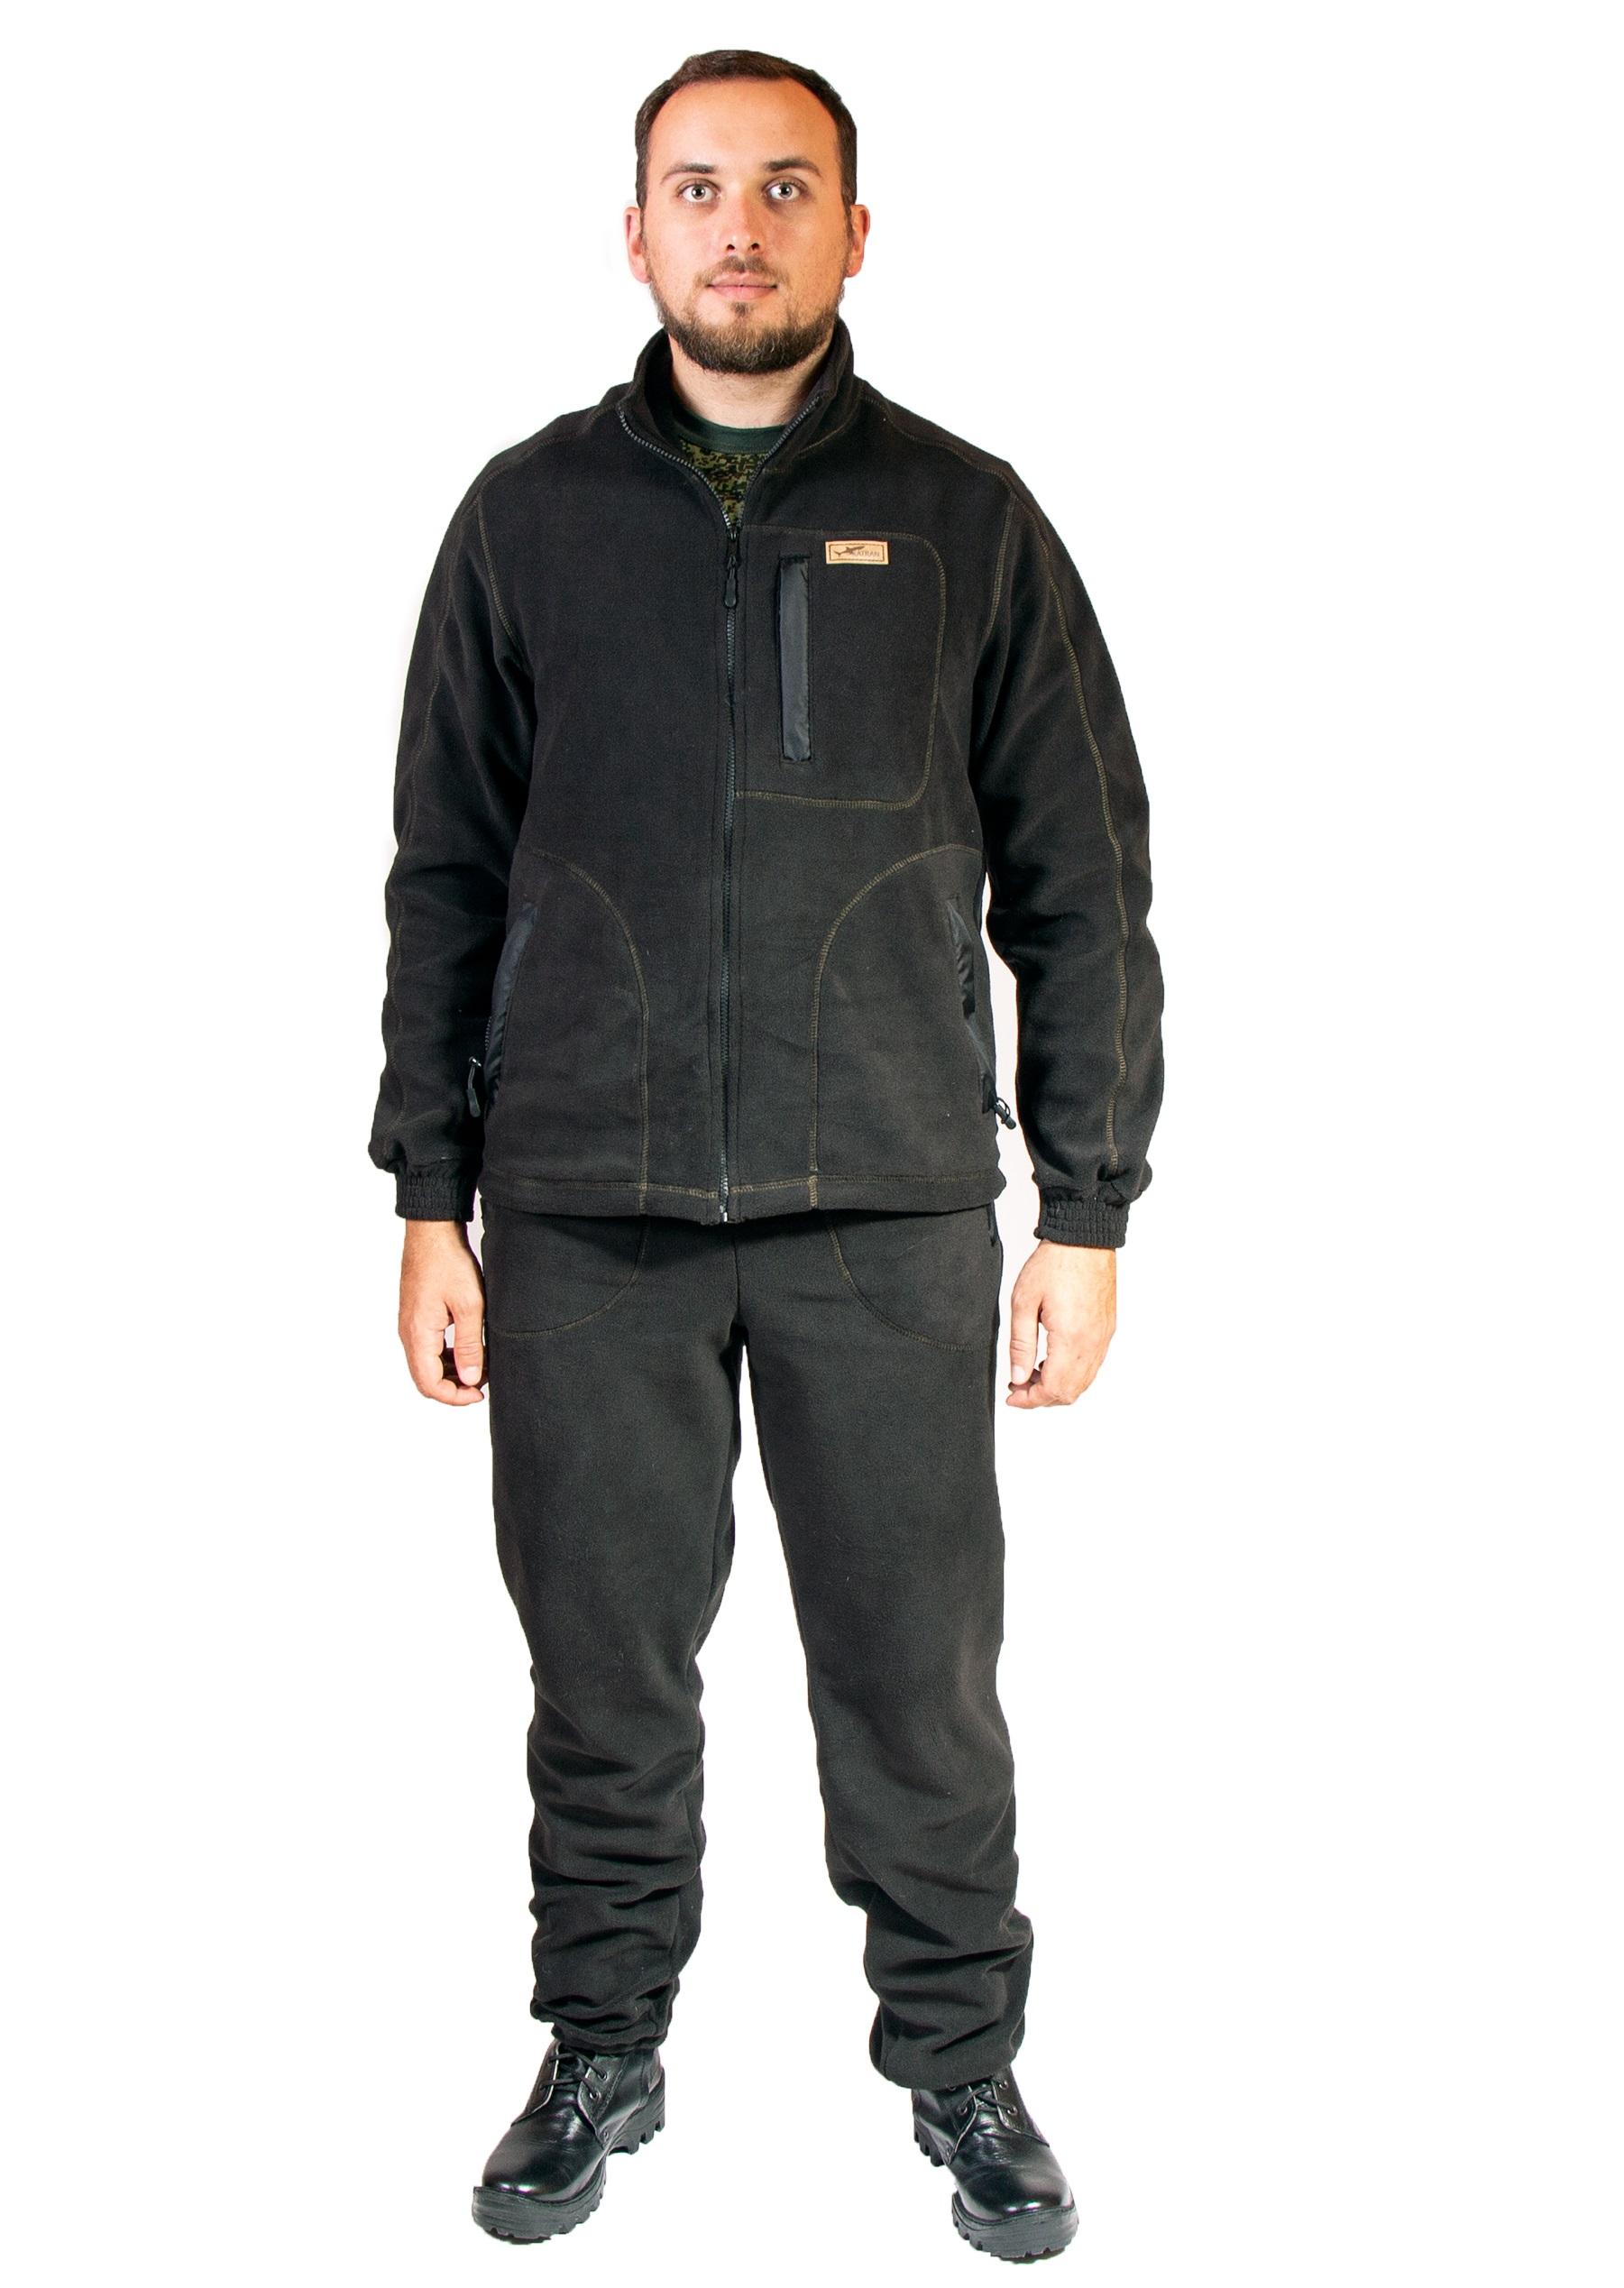 Спортивный костюм Katran Брукс, черный, M INT